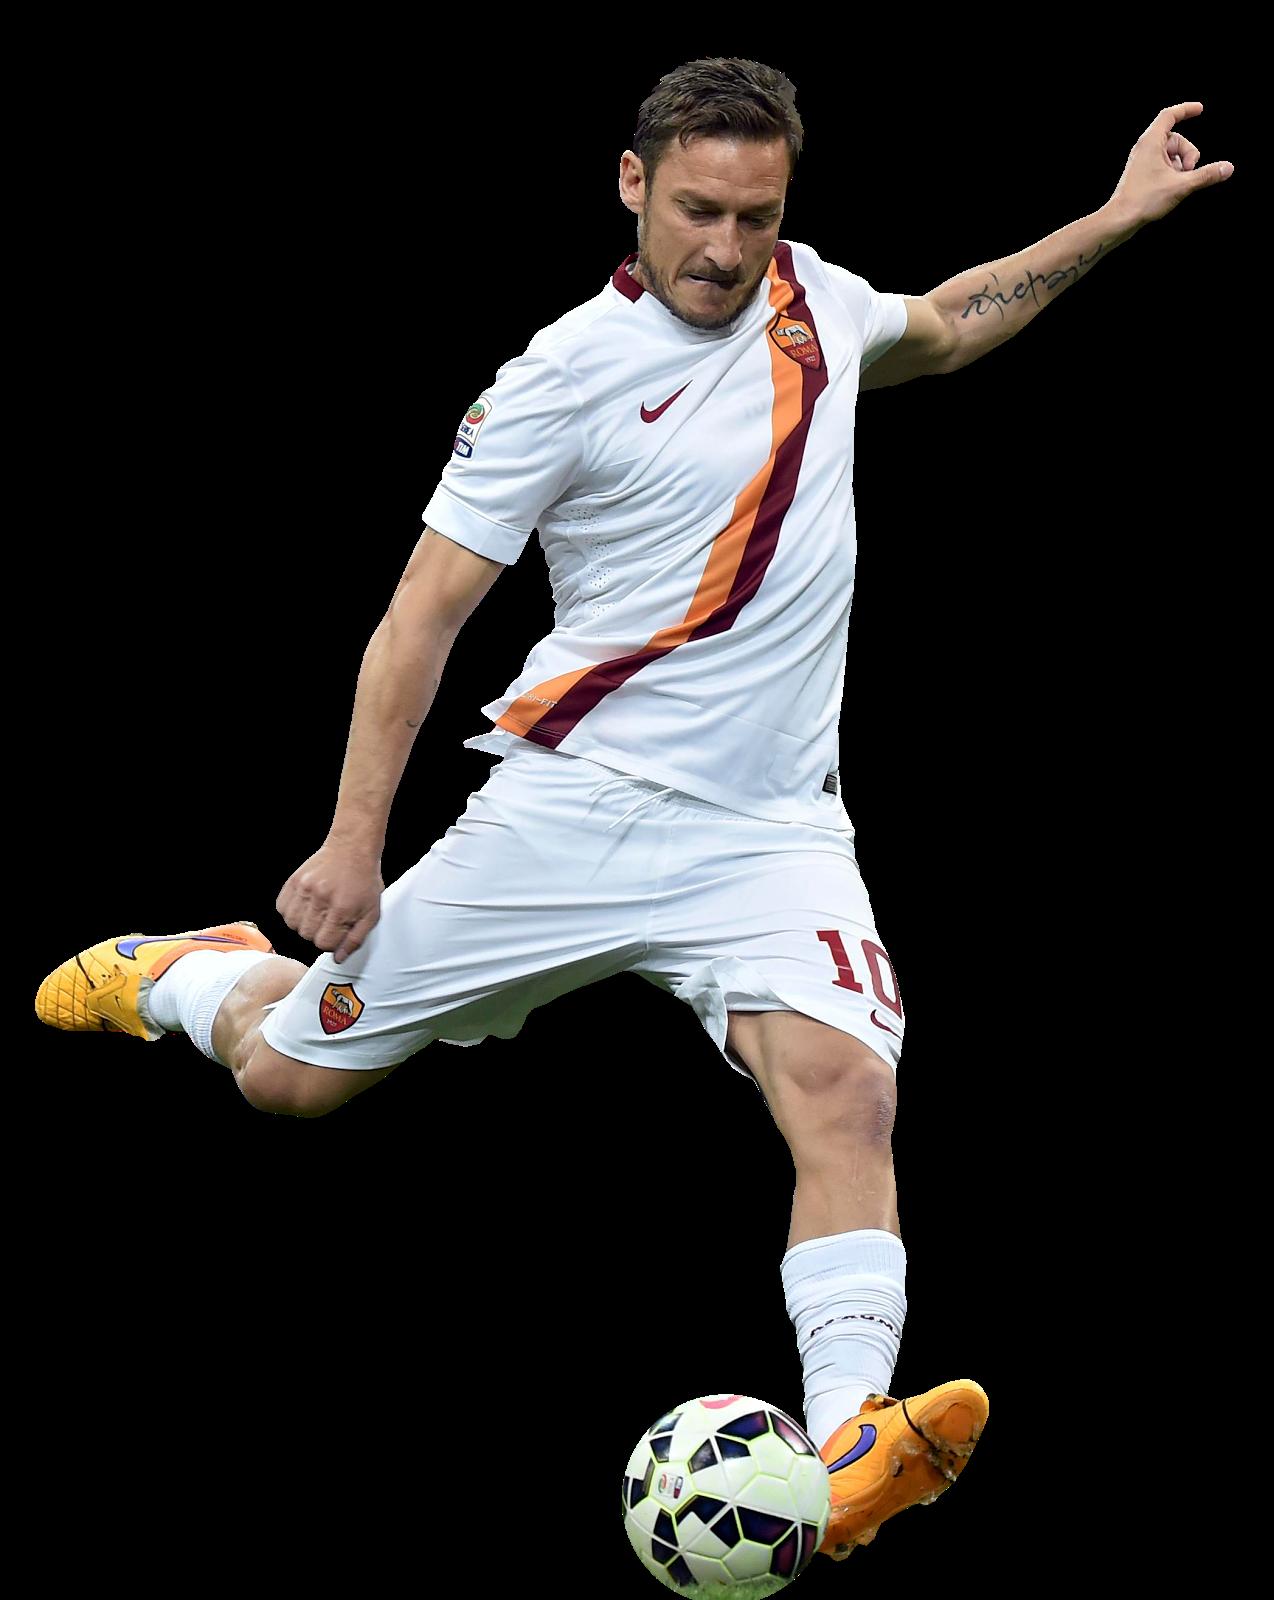 Francesco Totti football render - 13168 - FootyRenders